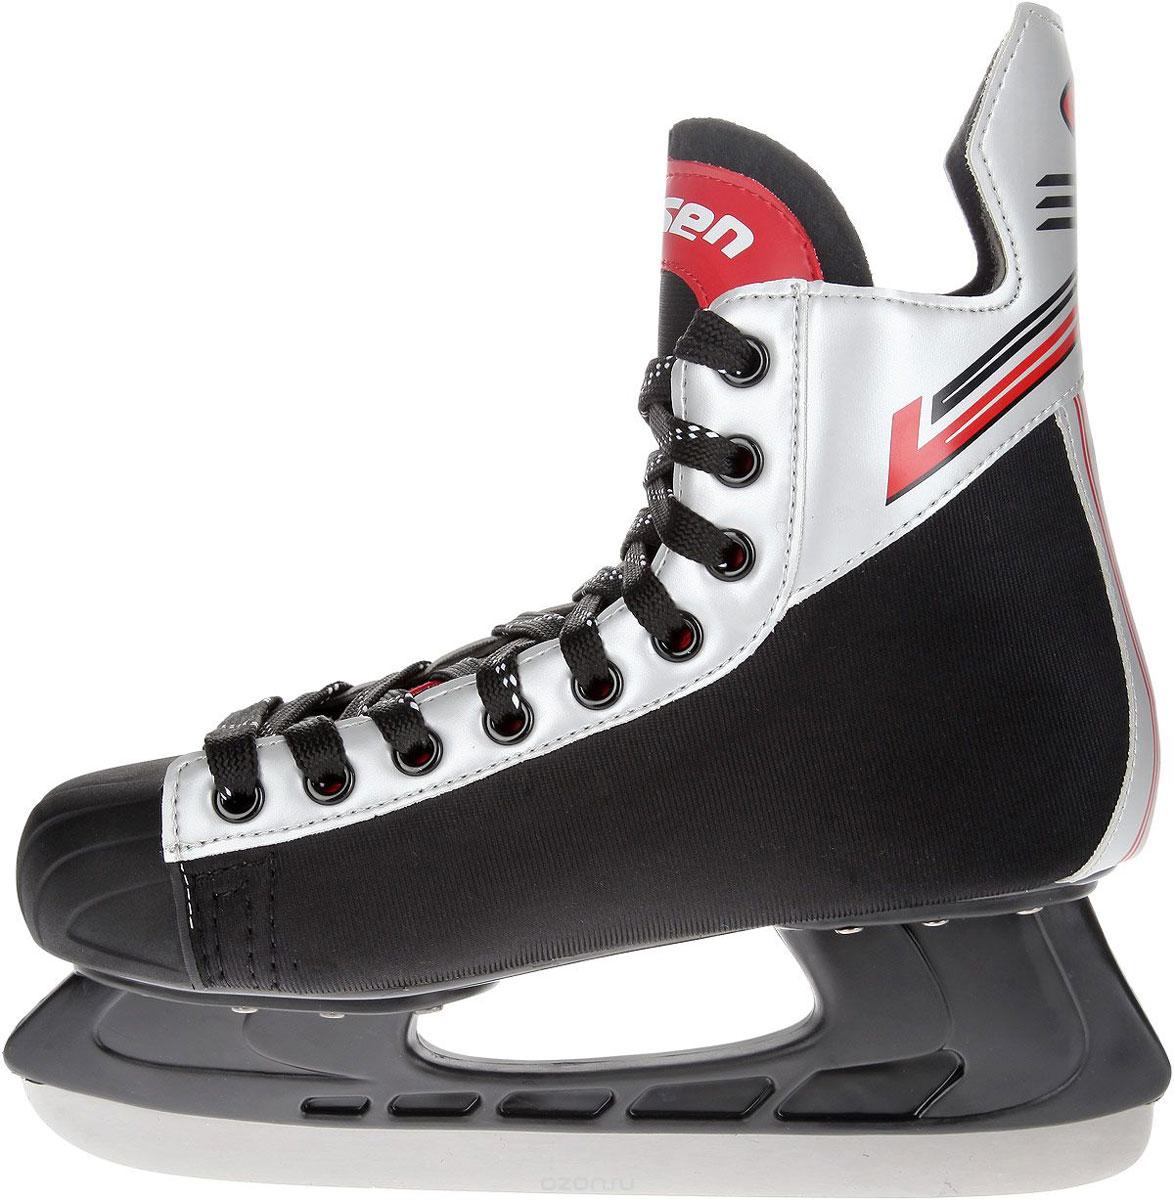 Коньки хоккейные мужские Larsen Alex, цвет: черный, серебристый, красный. Размер 37Atemi Force 3.0 2012 Black-GrayСтильные коньки Alex от Larsen прекрасно подойдут для начинающих игроков в хоккей. Ботиноквыполнен из нейлона и морозоустойчивого поливинилхлорида. Мыс дополнен вставкой изполиуретана, которая защитит ноги от ударов. Внутренний слой изготовлен из мягкого текстиля,который обеспечит тепло и комфорт во время катания, язычок - из войлока. Плотная шнуровканадежно фиксирует модель на ноге. Голеностоп имеет удобный суппорт. Стелька из EVA стекстильной поверхностью обеспечит комфортное катание. Стойка выполнена изударопрочного полипропилена. Лезвие из нержавеющей стали обеспечит превосходноескольжение. В комплект входят пластиковые чехлы для лезвий.